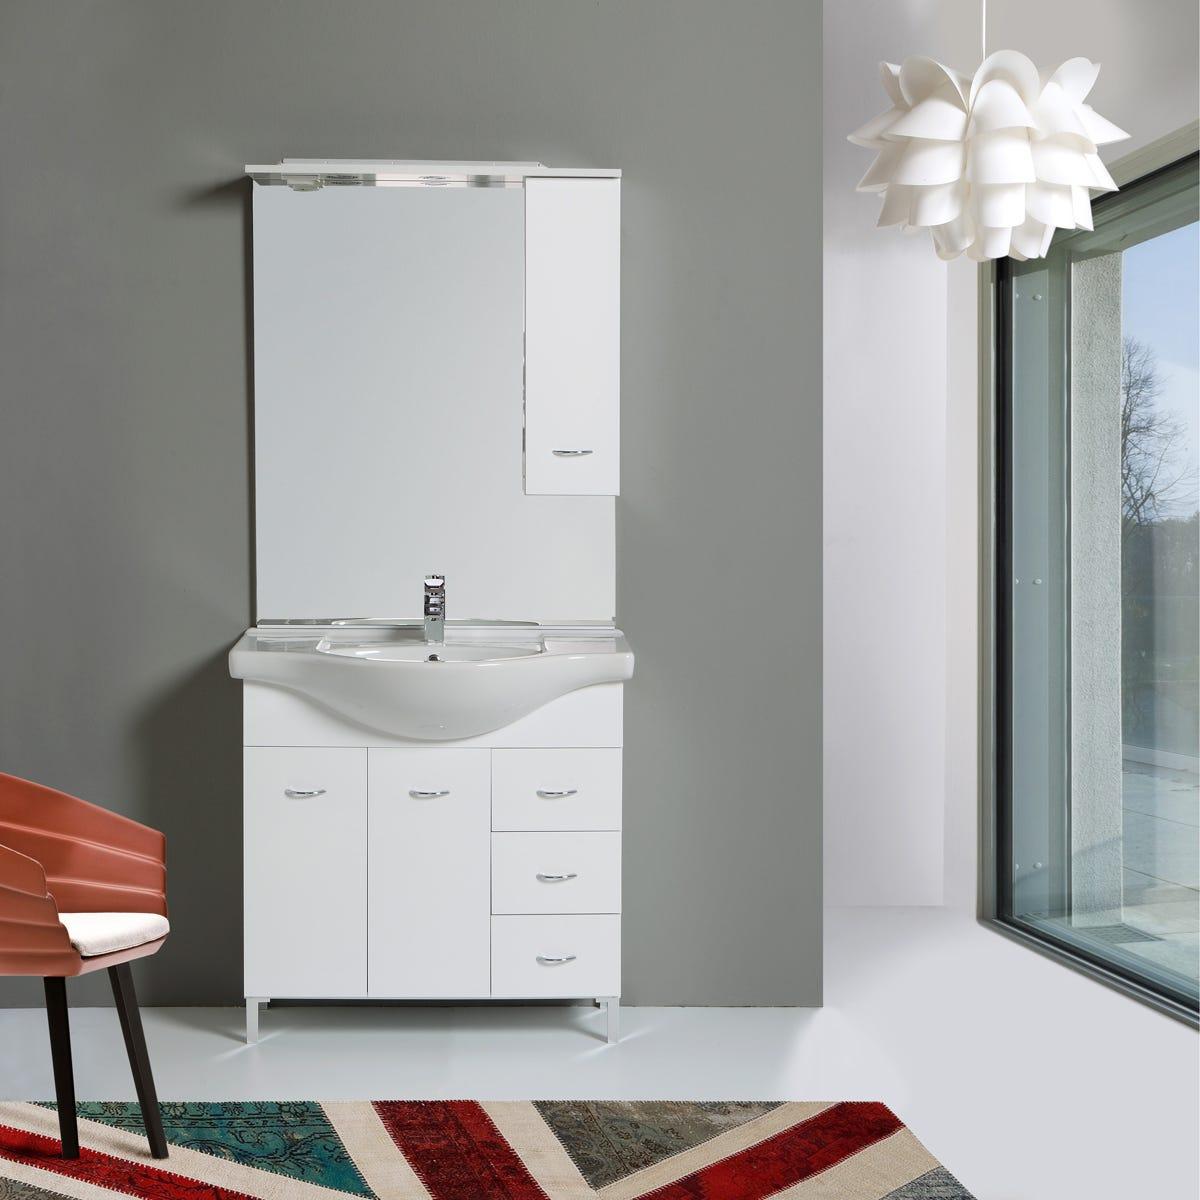 Mobile mobiletto arredo bagno da 85 cm 2 ante 3 cassetti specchio modello perla ebay - Mobiletto bagno da appendere ...